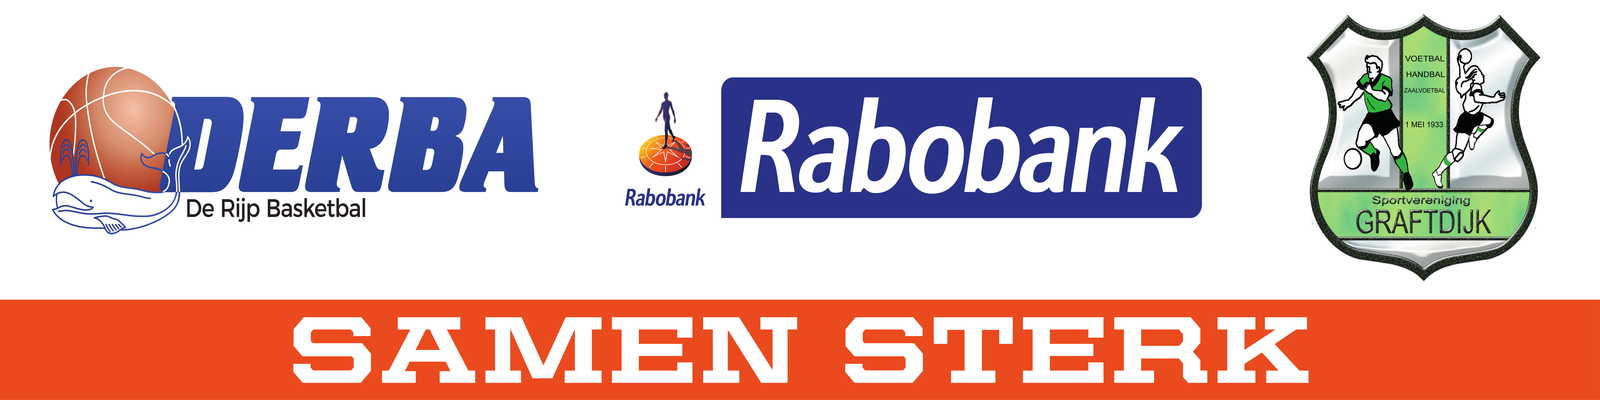 sponsorbord-v9ab-1_1600x400